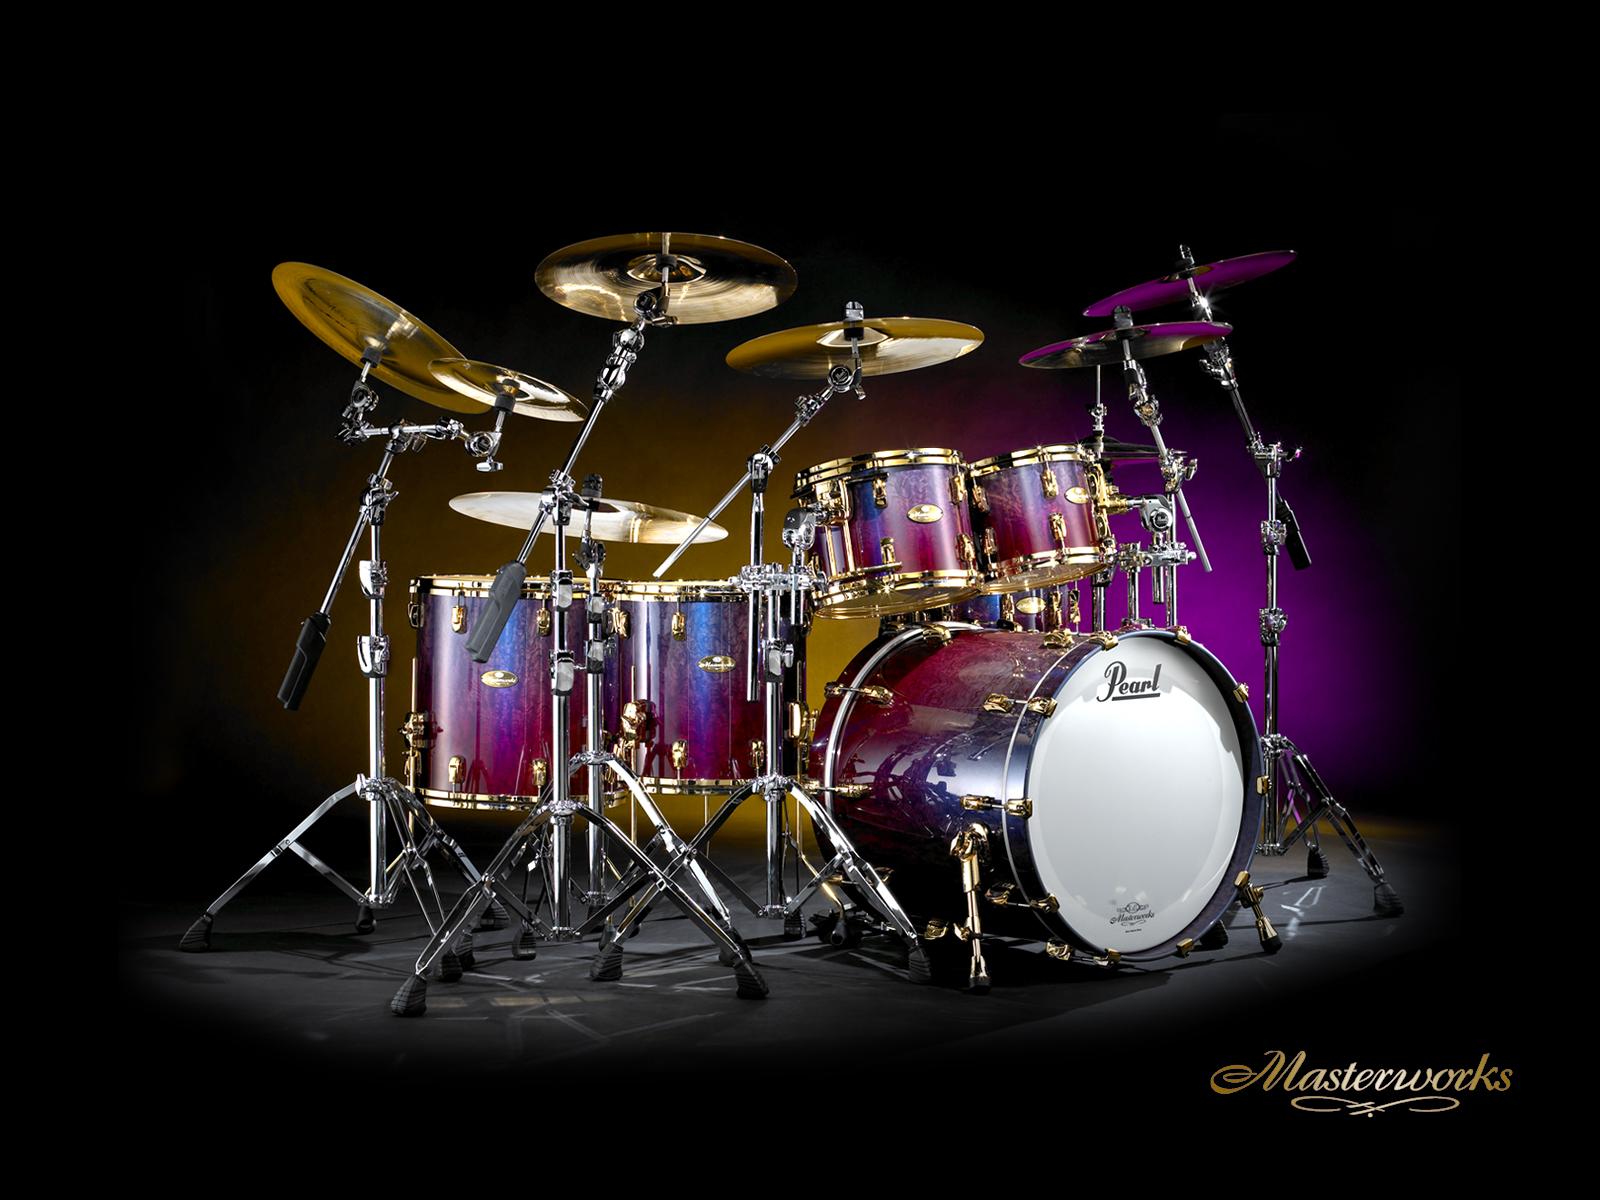 Desktop Wallpapers Pearl Drums 1600x1200